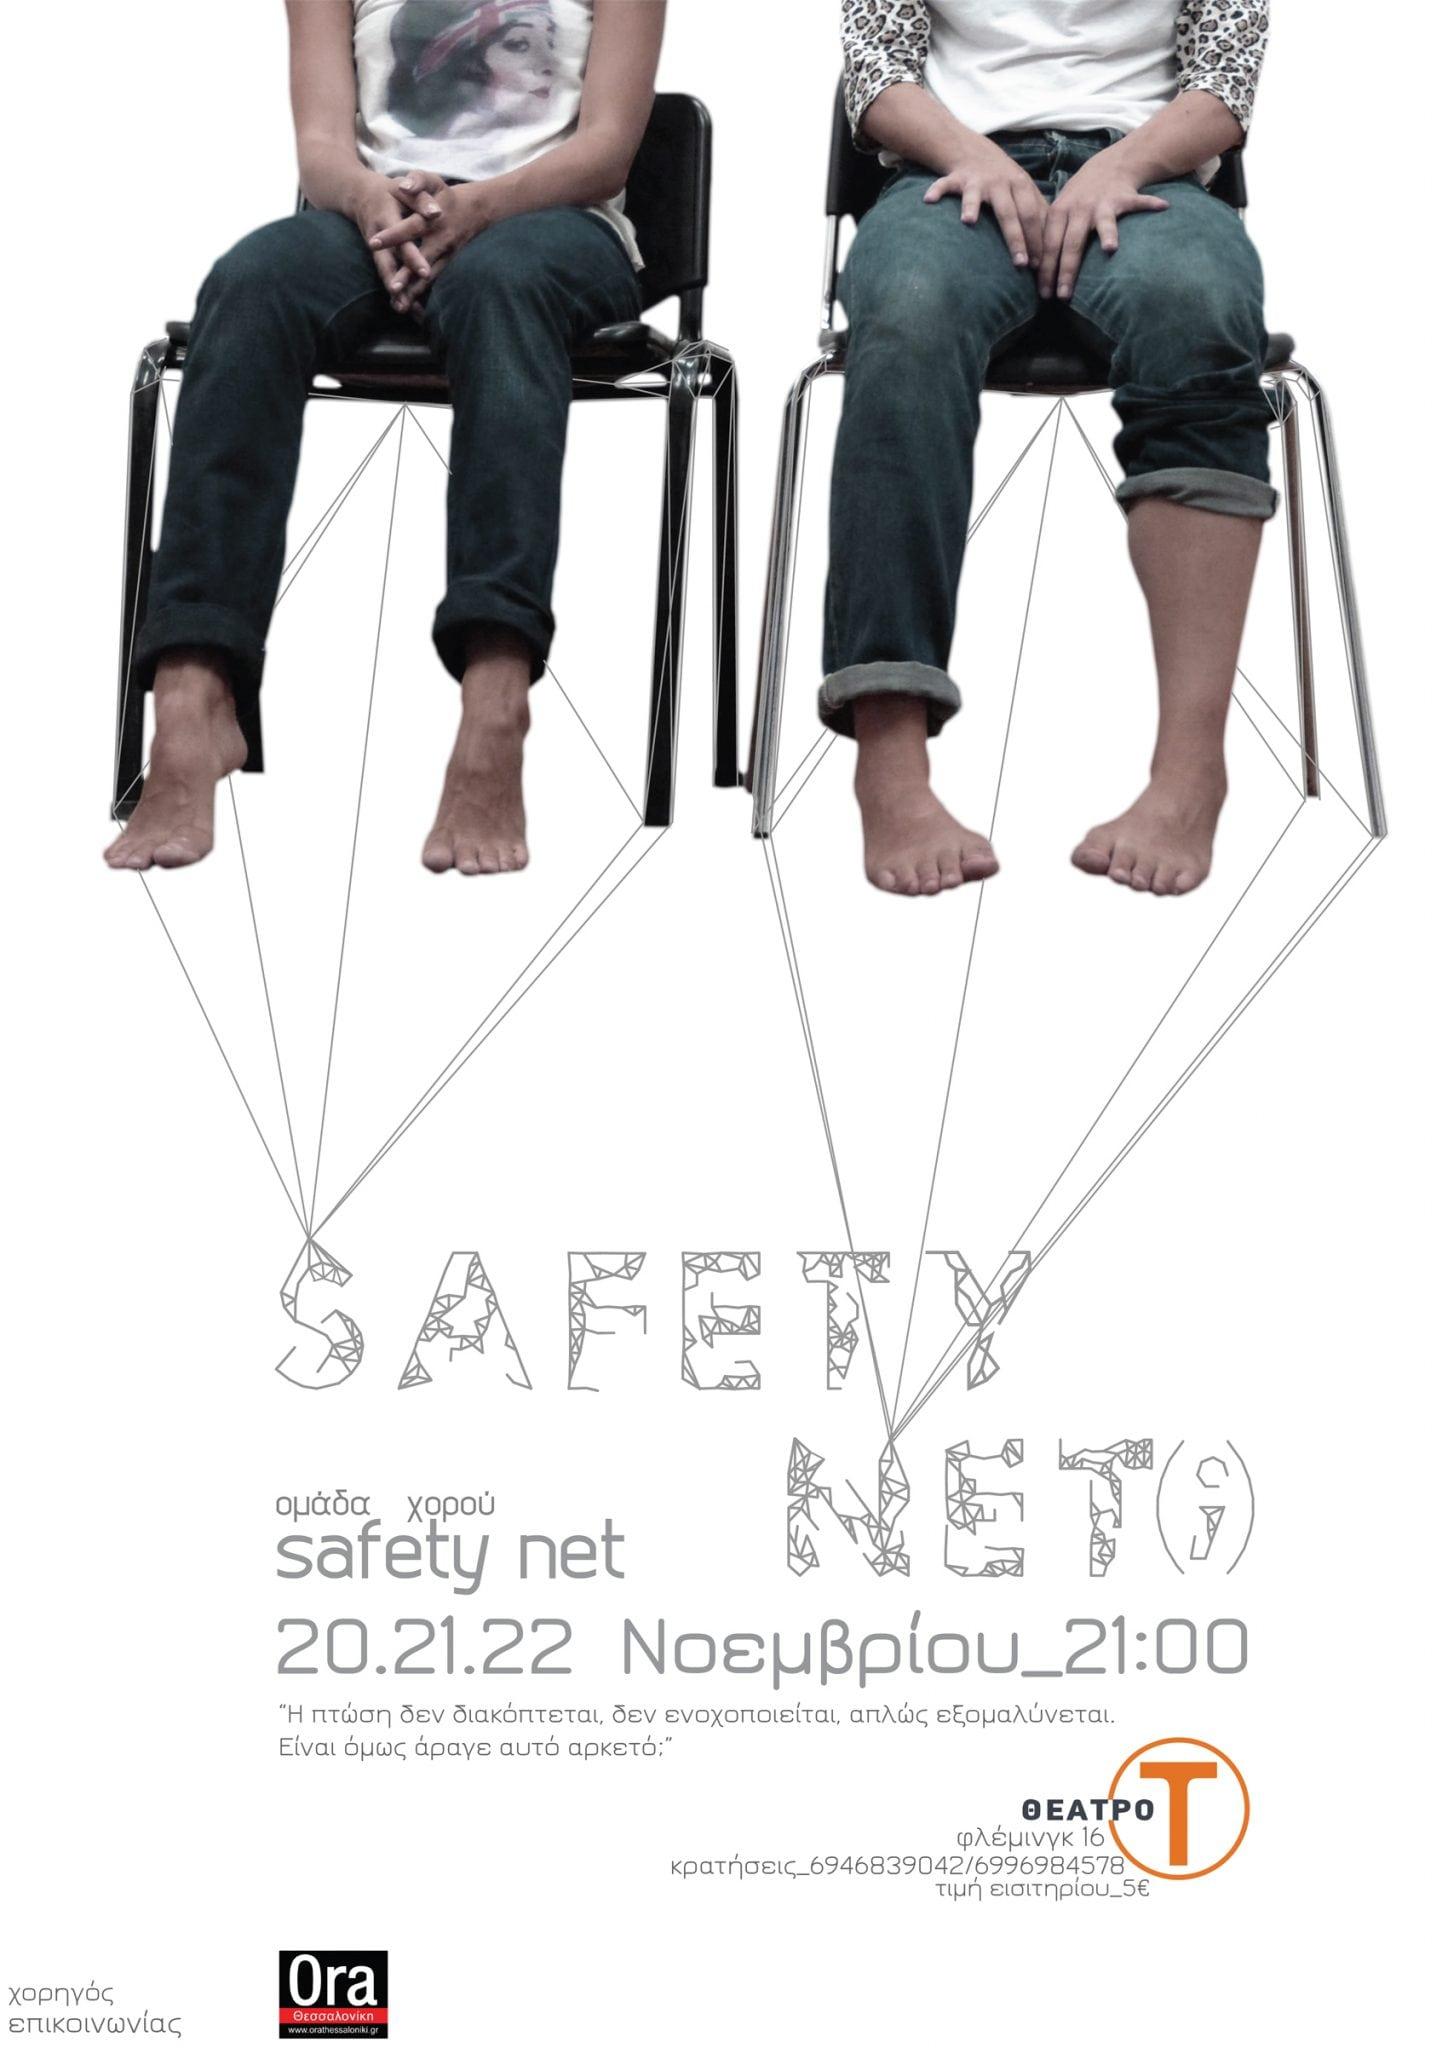 αφίσα safety net 11_15-01